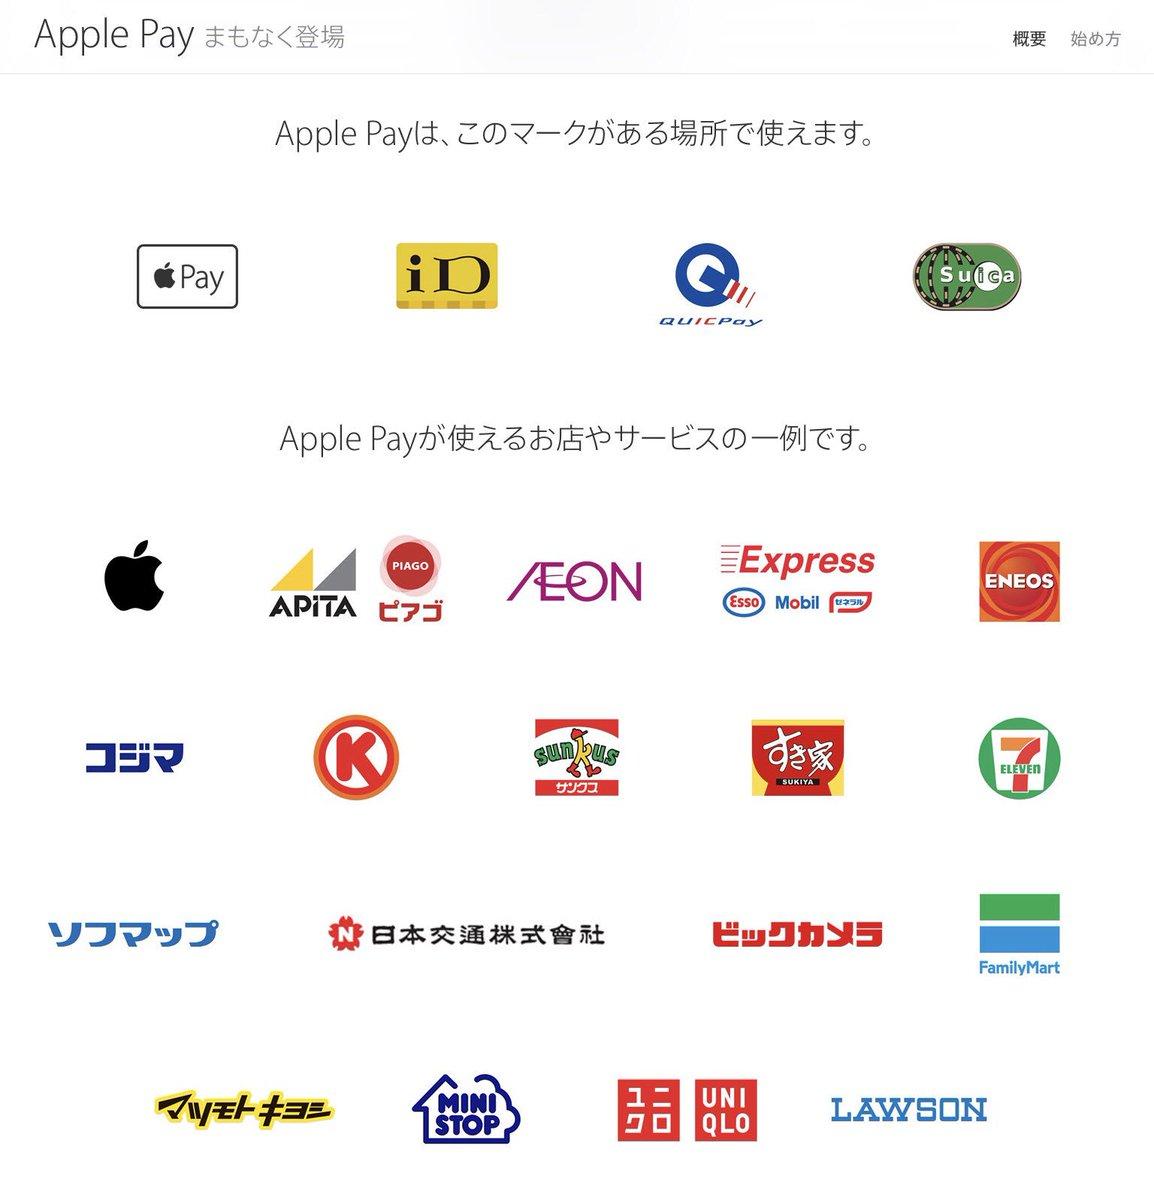 Appleのサイトににこんなドメスティックな情報が掲載される日が来るとは https://t.co/GFbFReJzvu